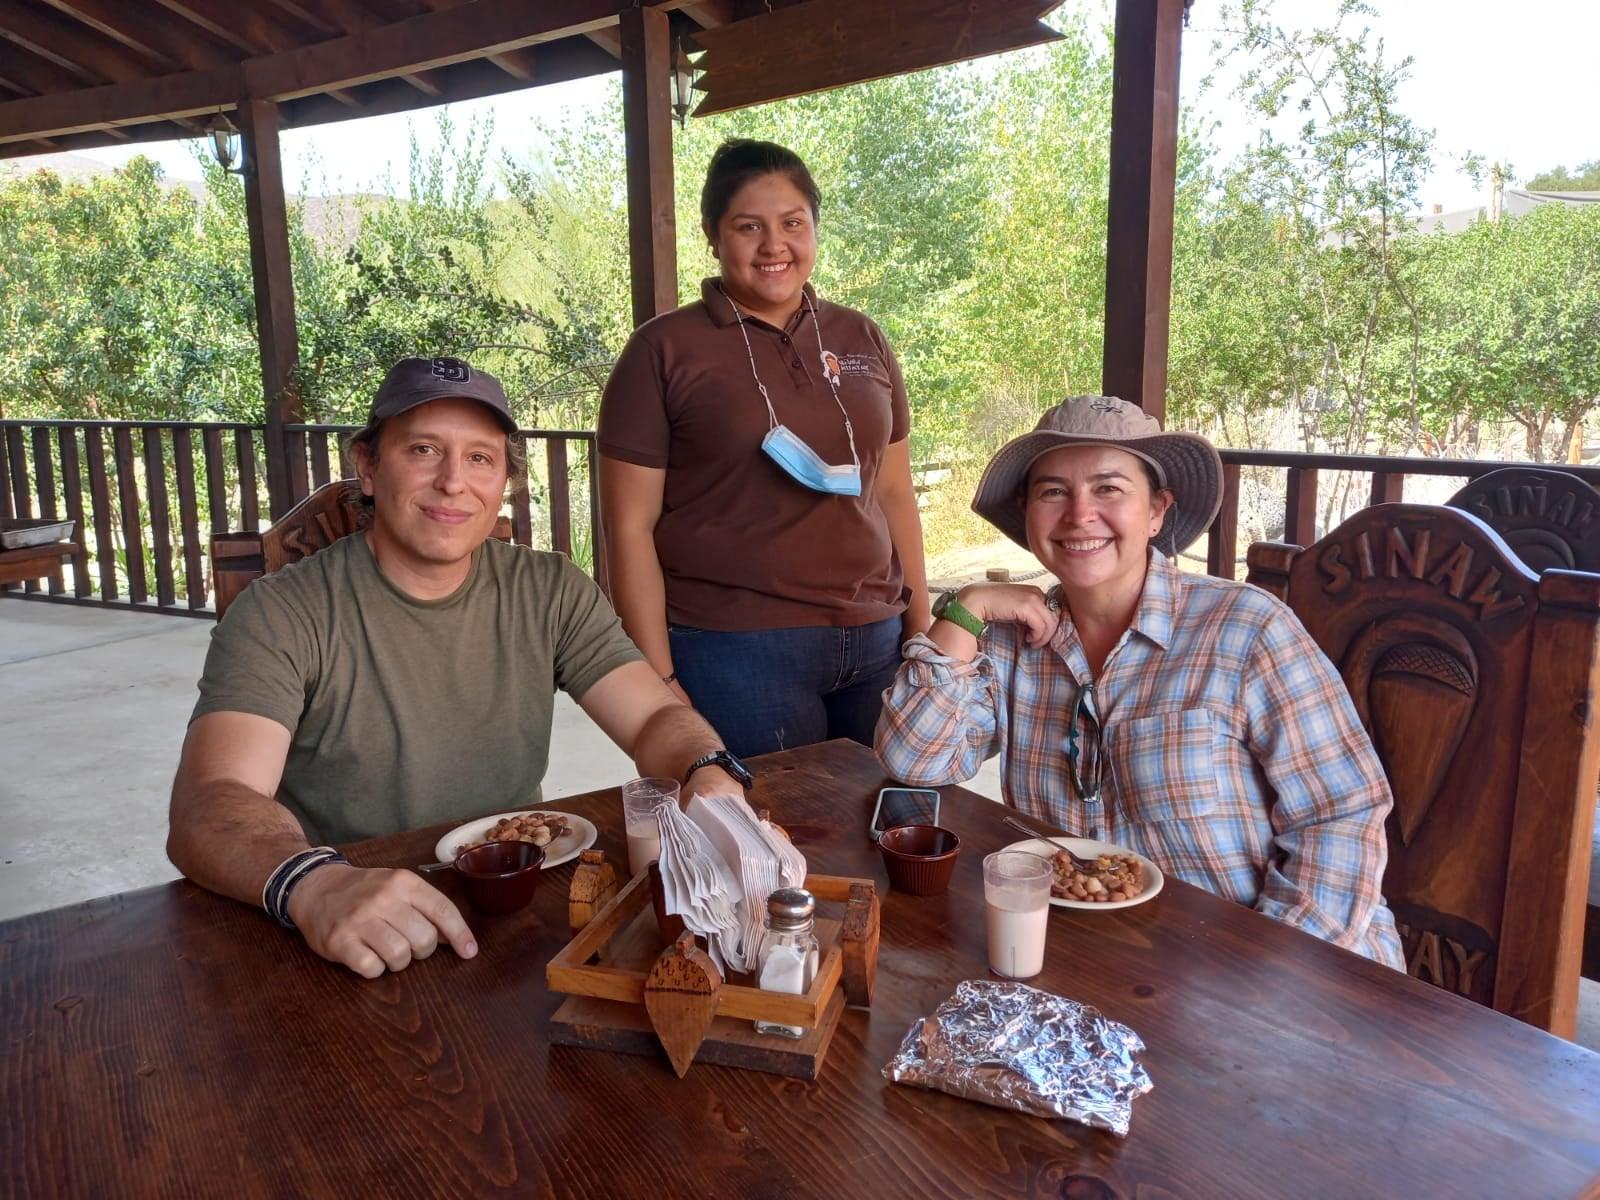 Viajeros en Centro Ecoturístico Siñaw Kuatay disfrutan comida tradicional.